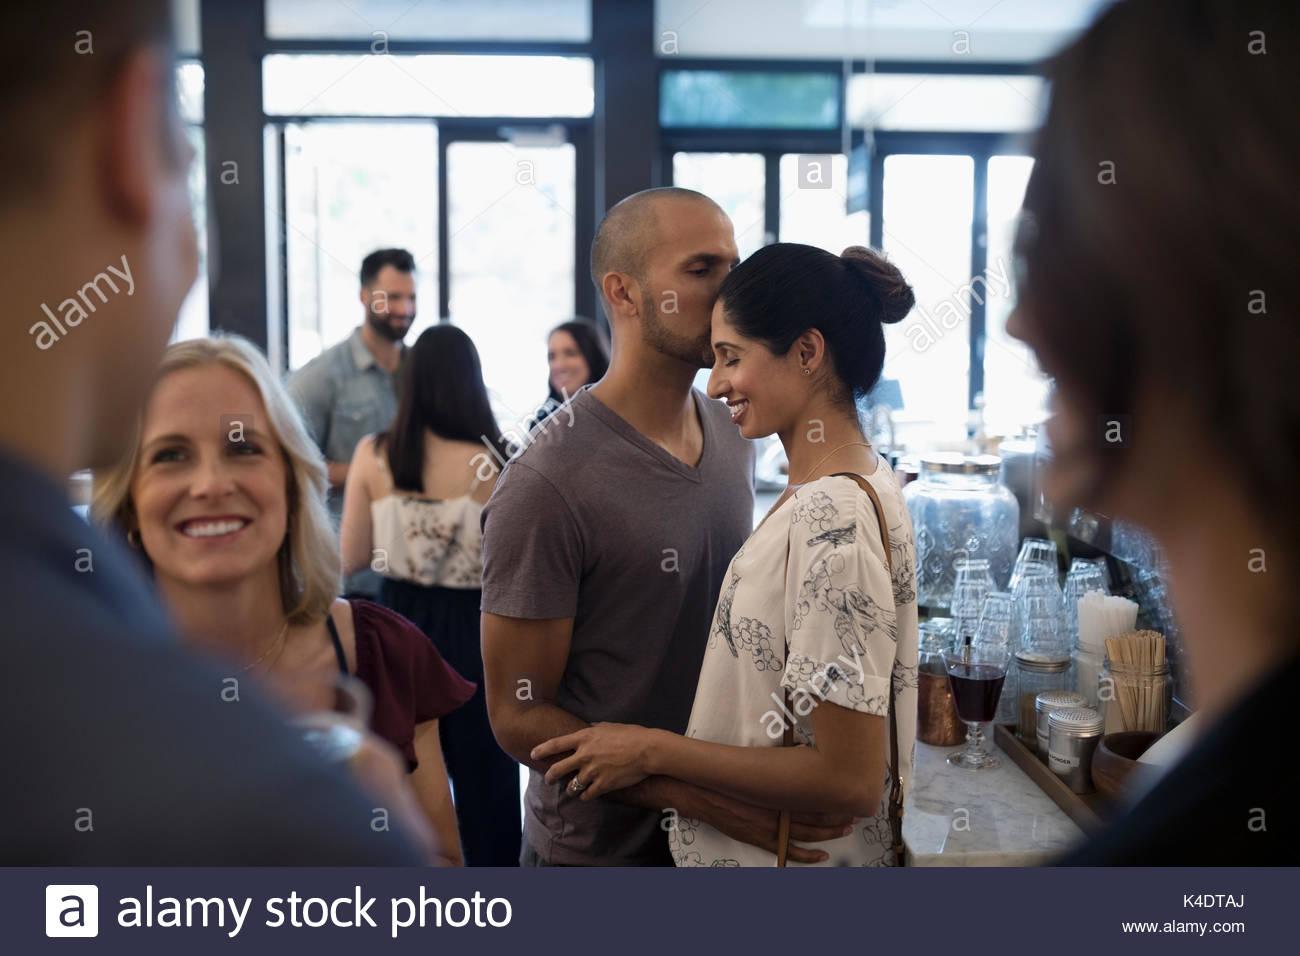 Affettuosa giovane baciare in bar Immagini Stock